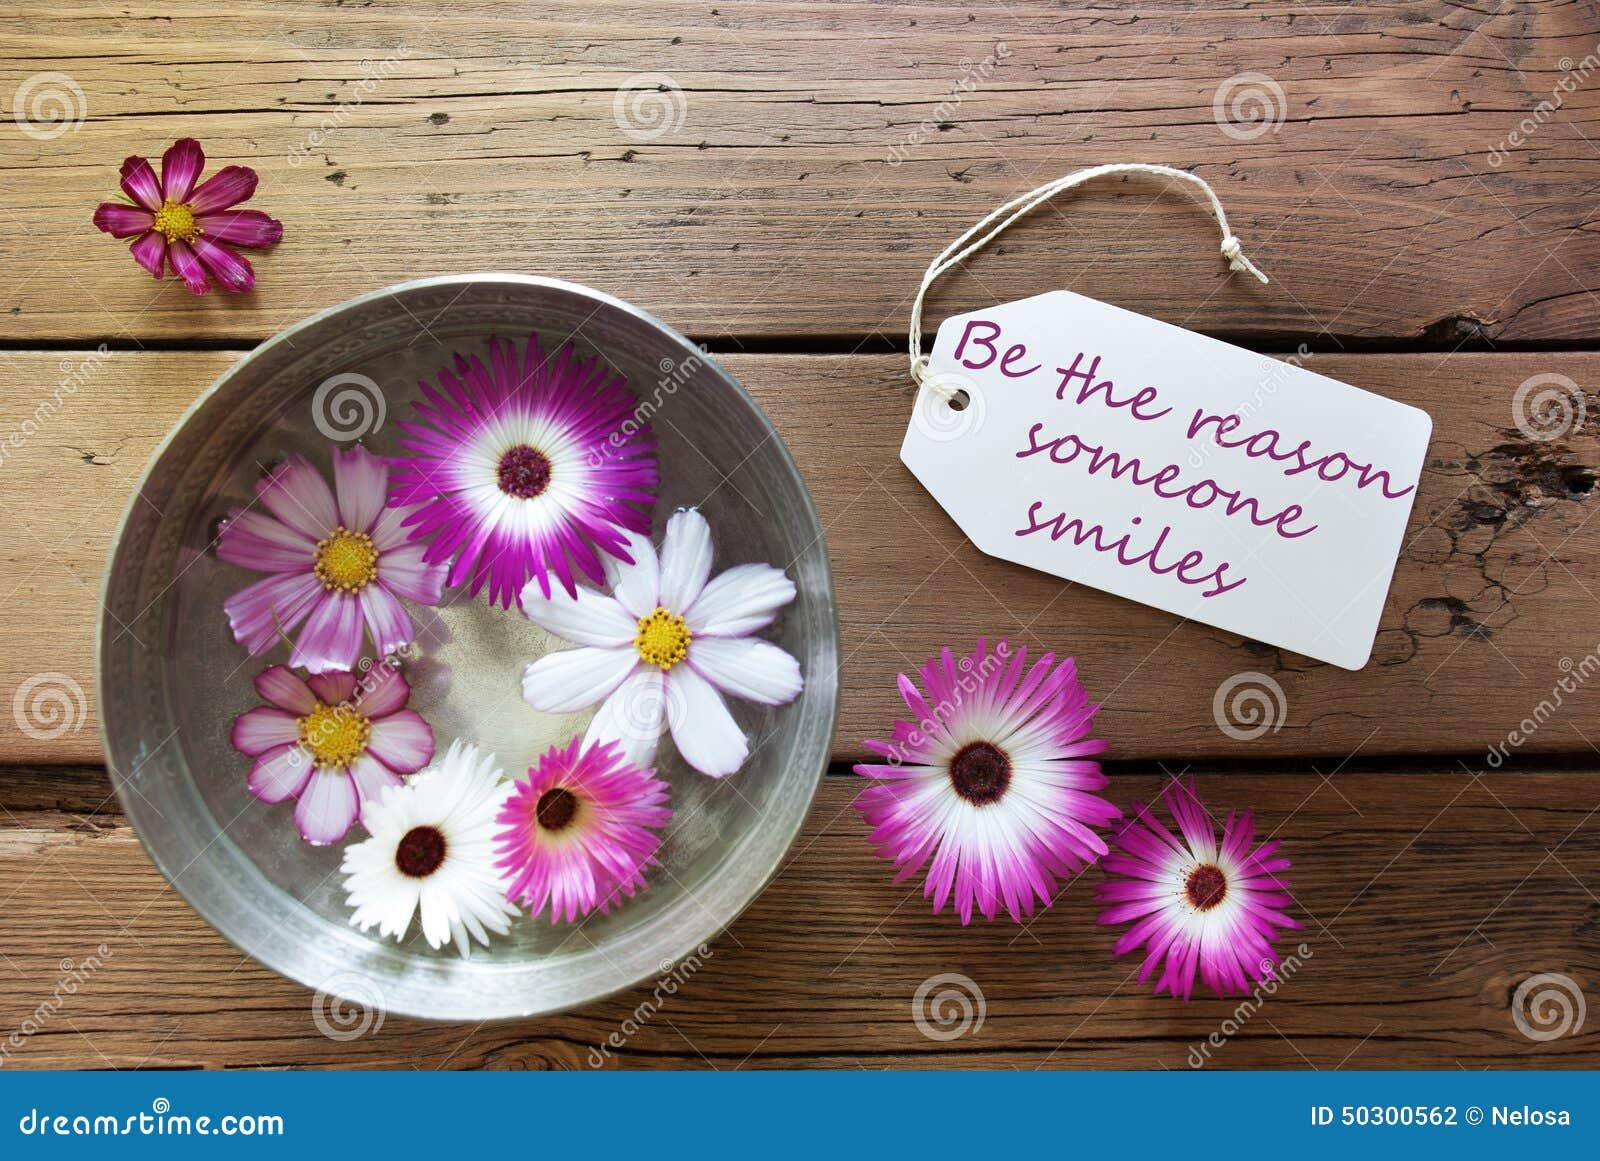 Το ασημένιο κύπελλο με τα άνθη Cosmea με το απόσπασμα ζωής είναι ο λόγος που κάποιος χαμογελά